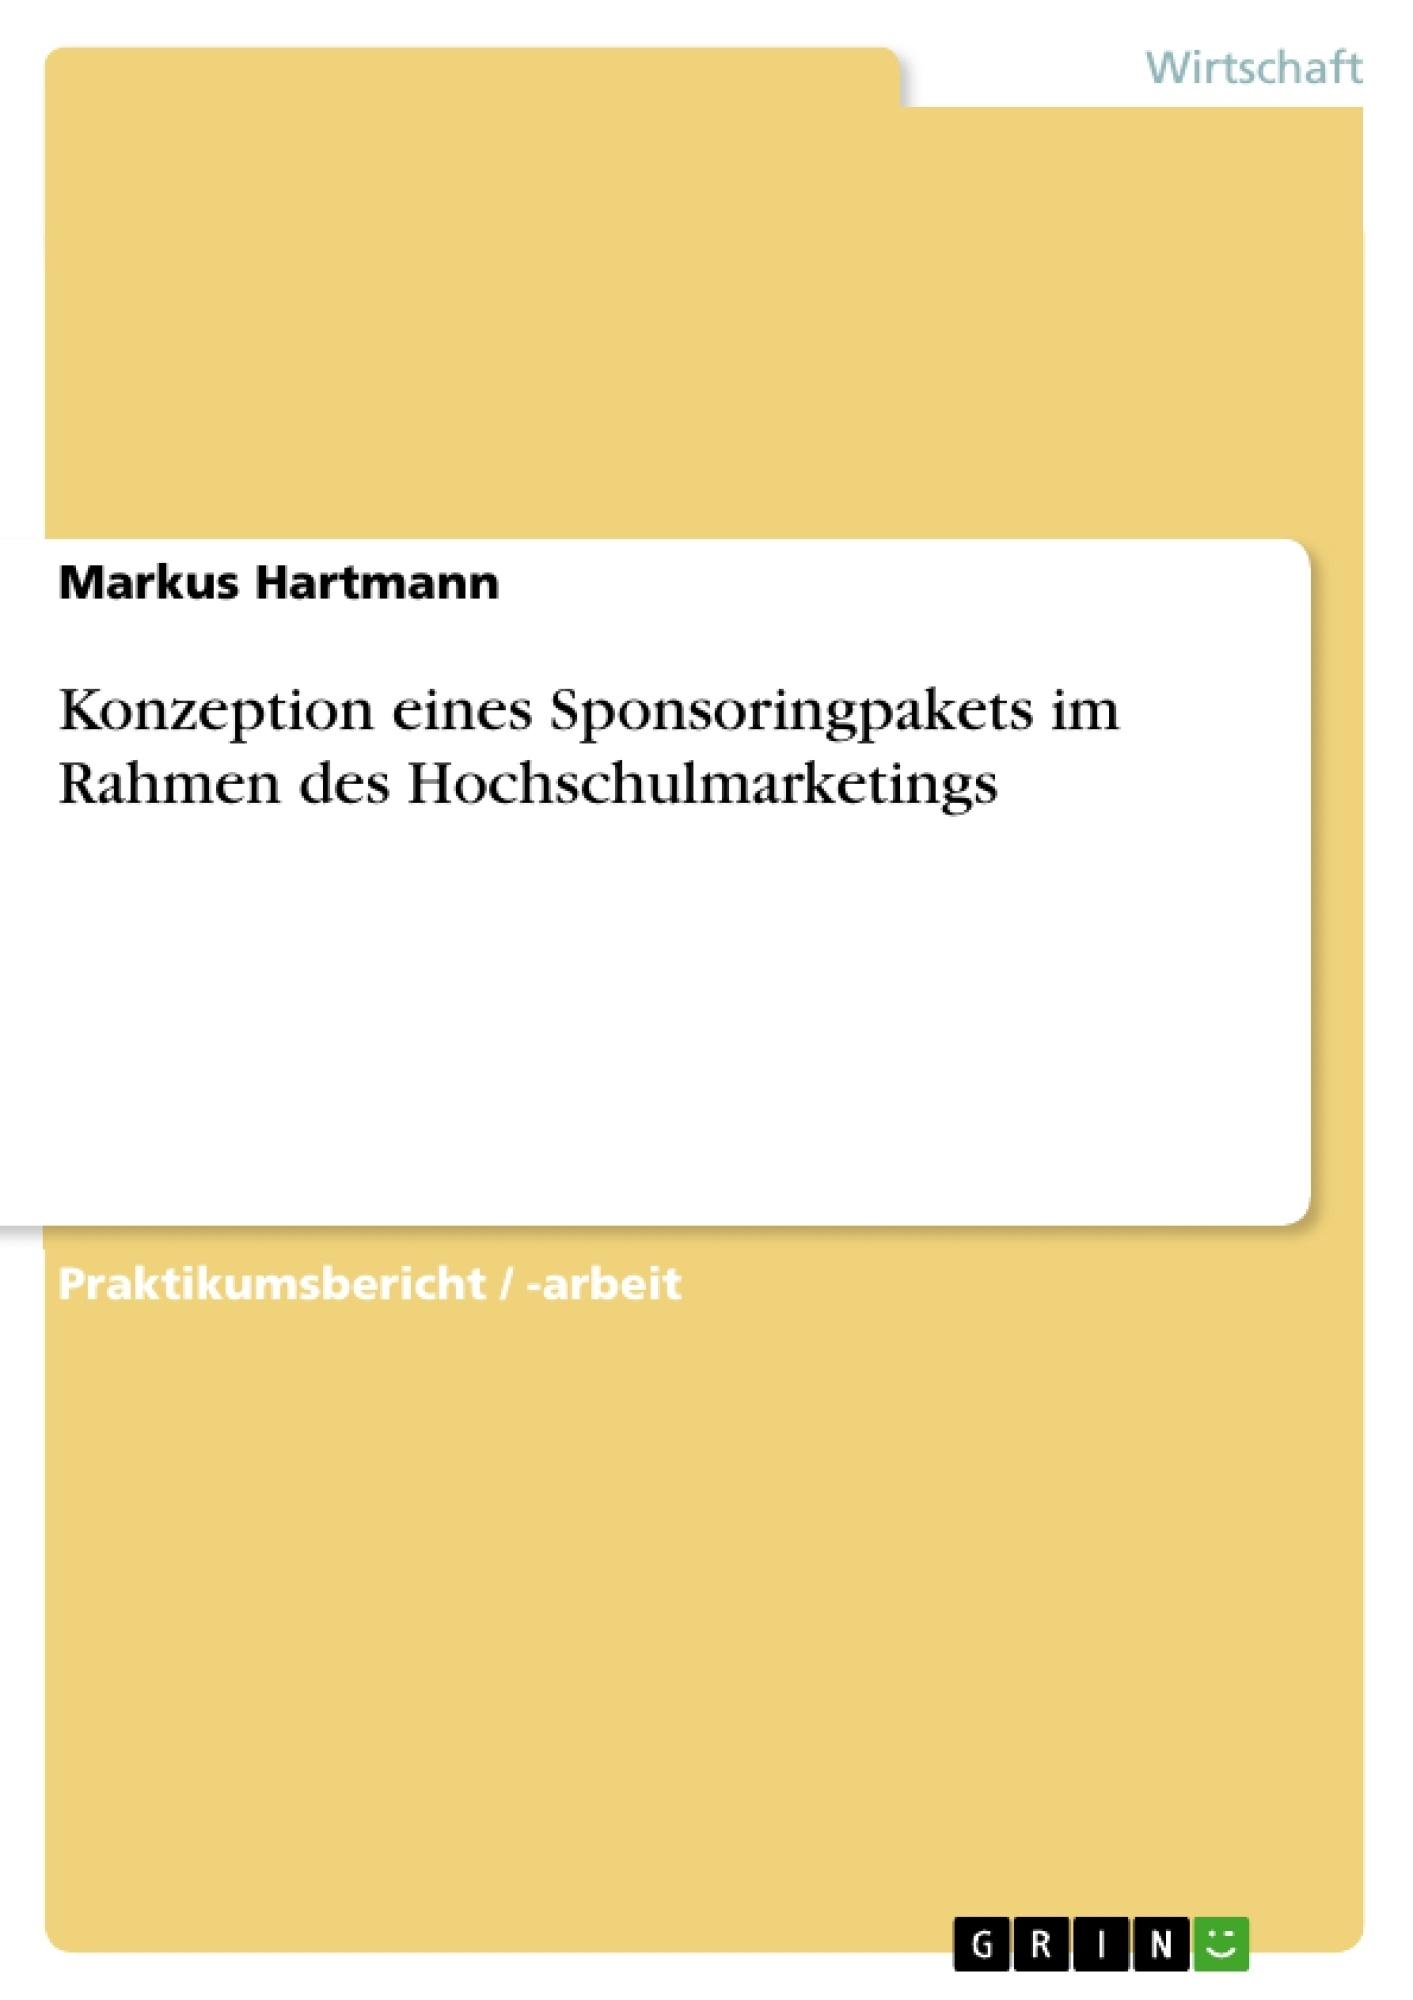 Titel: Konzeption eines Sponsoringpakets im Rahmen des Hochschulmarketings